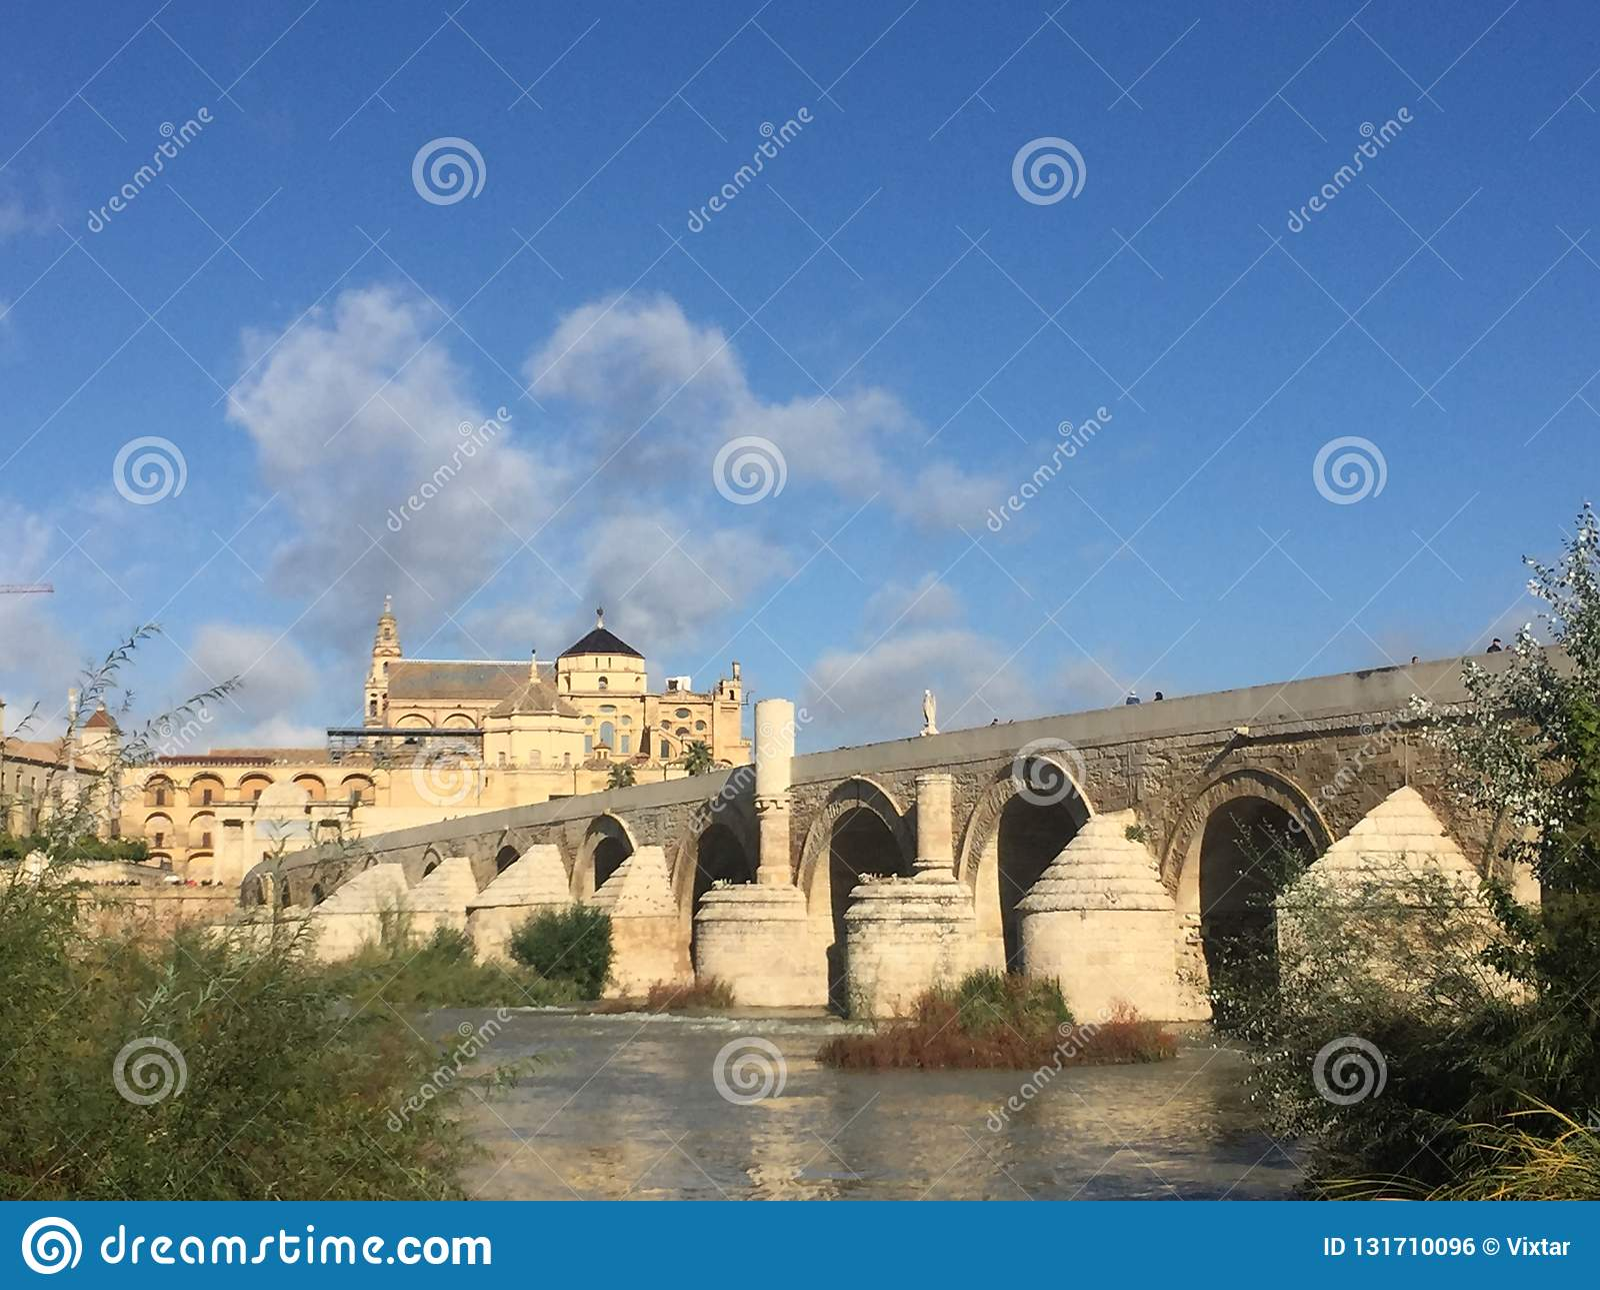 The roman bridge crossing the Guadalquivir river